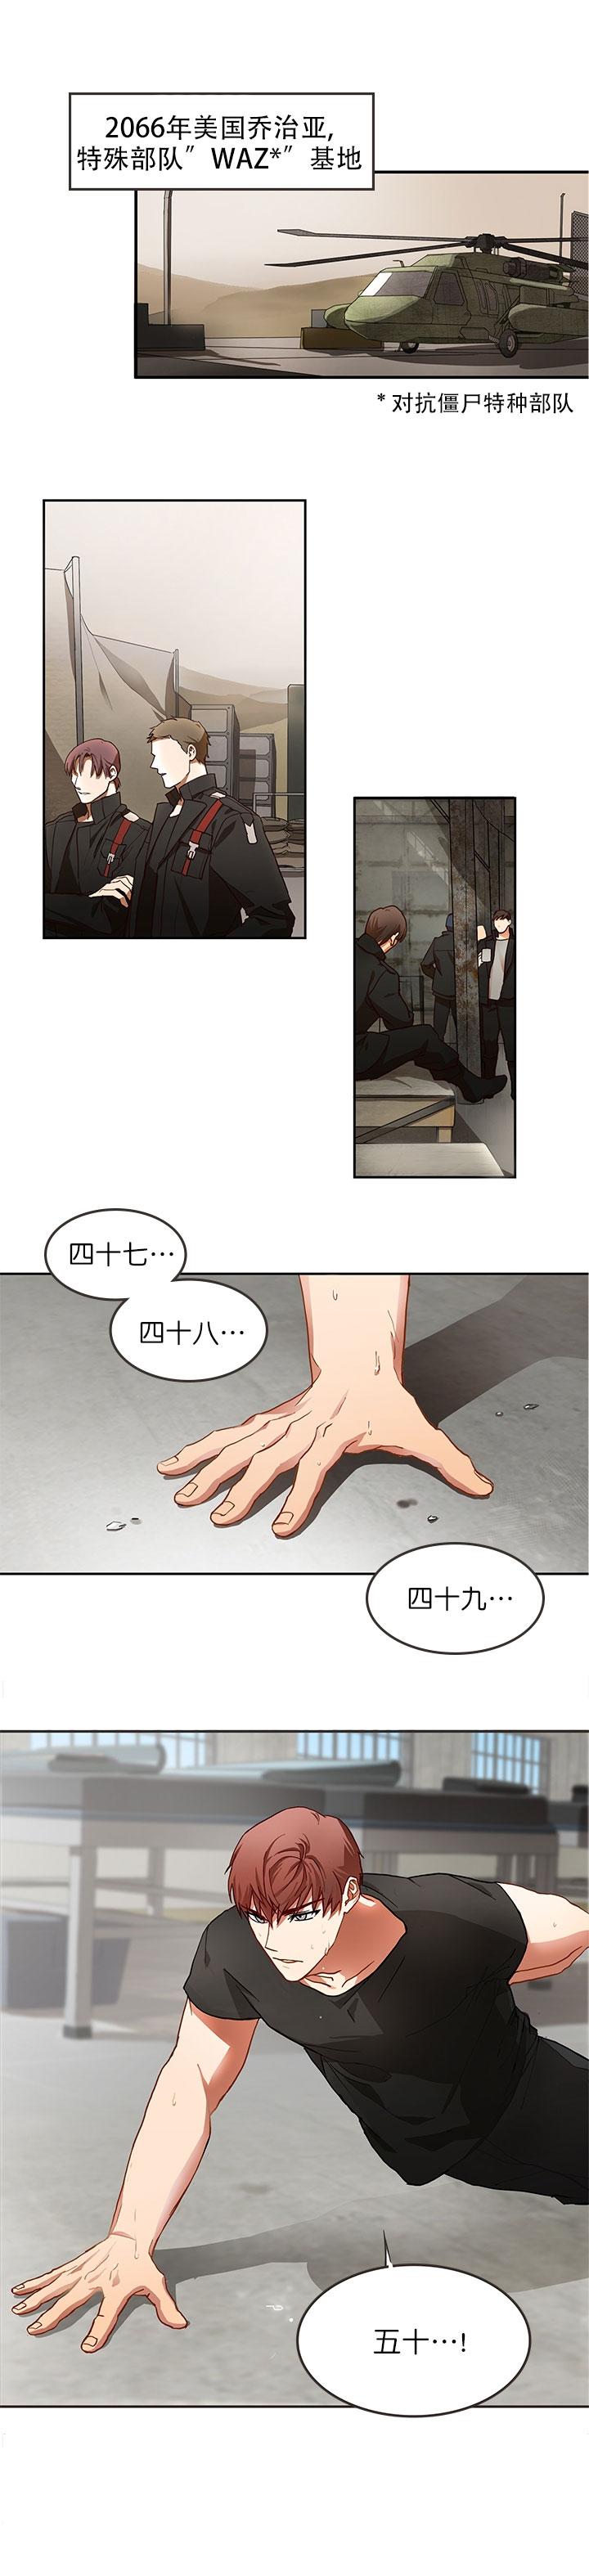 《搭档恃靓行凶》漫画资源——耿直攻跟腹黑受!绝美爱情!